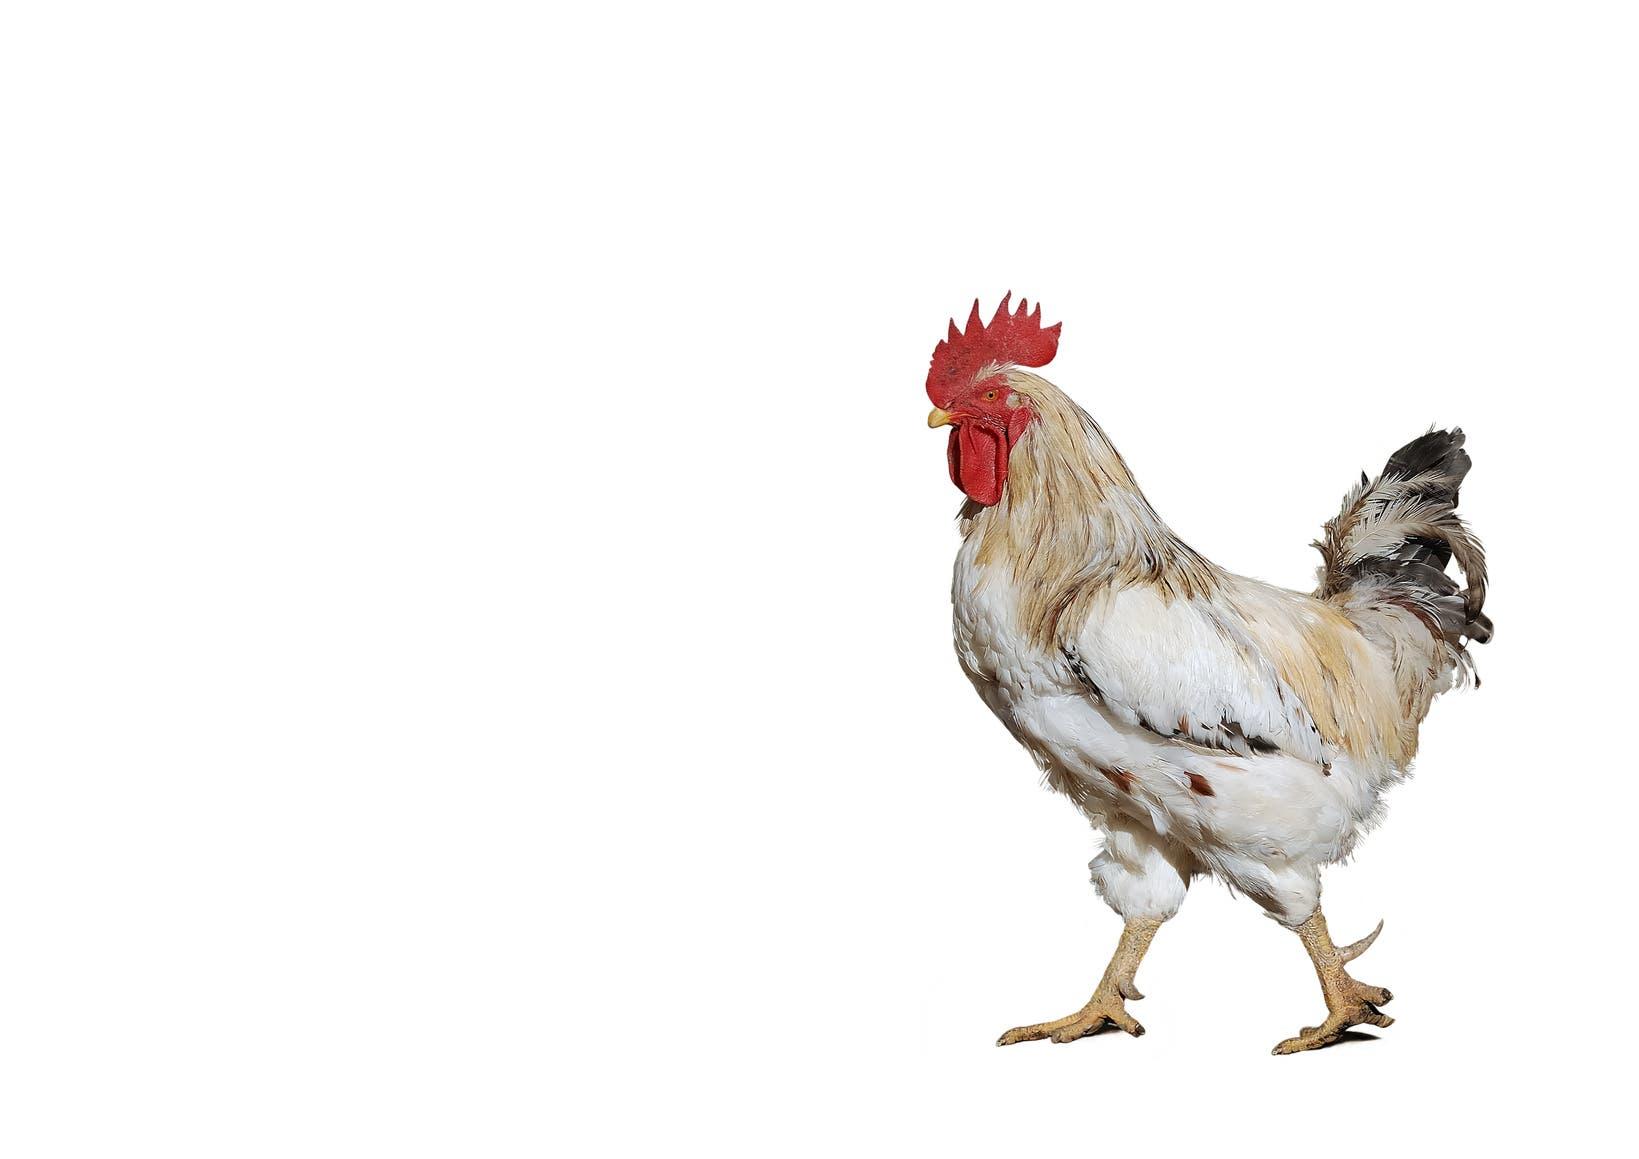 9. Hühner bevorzugen schöne Menschen